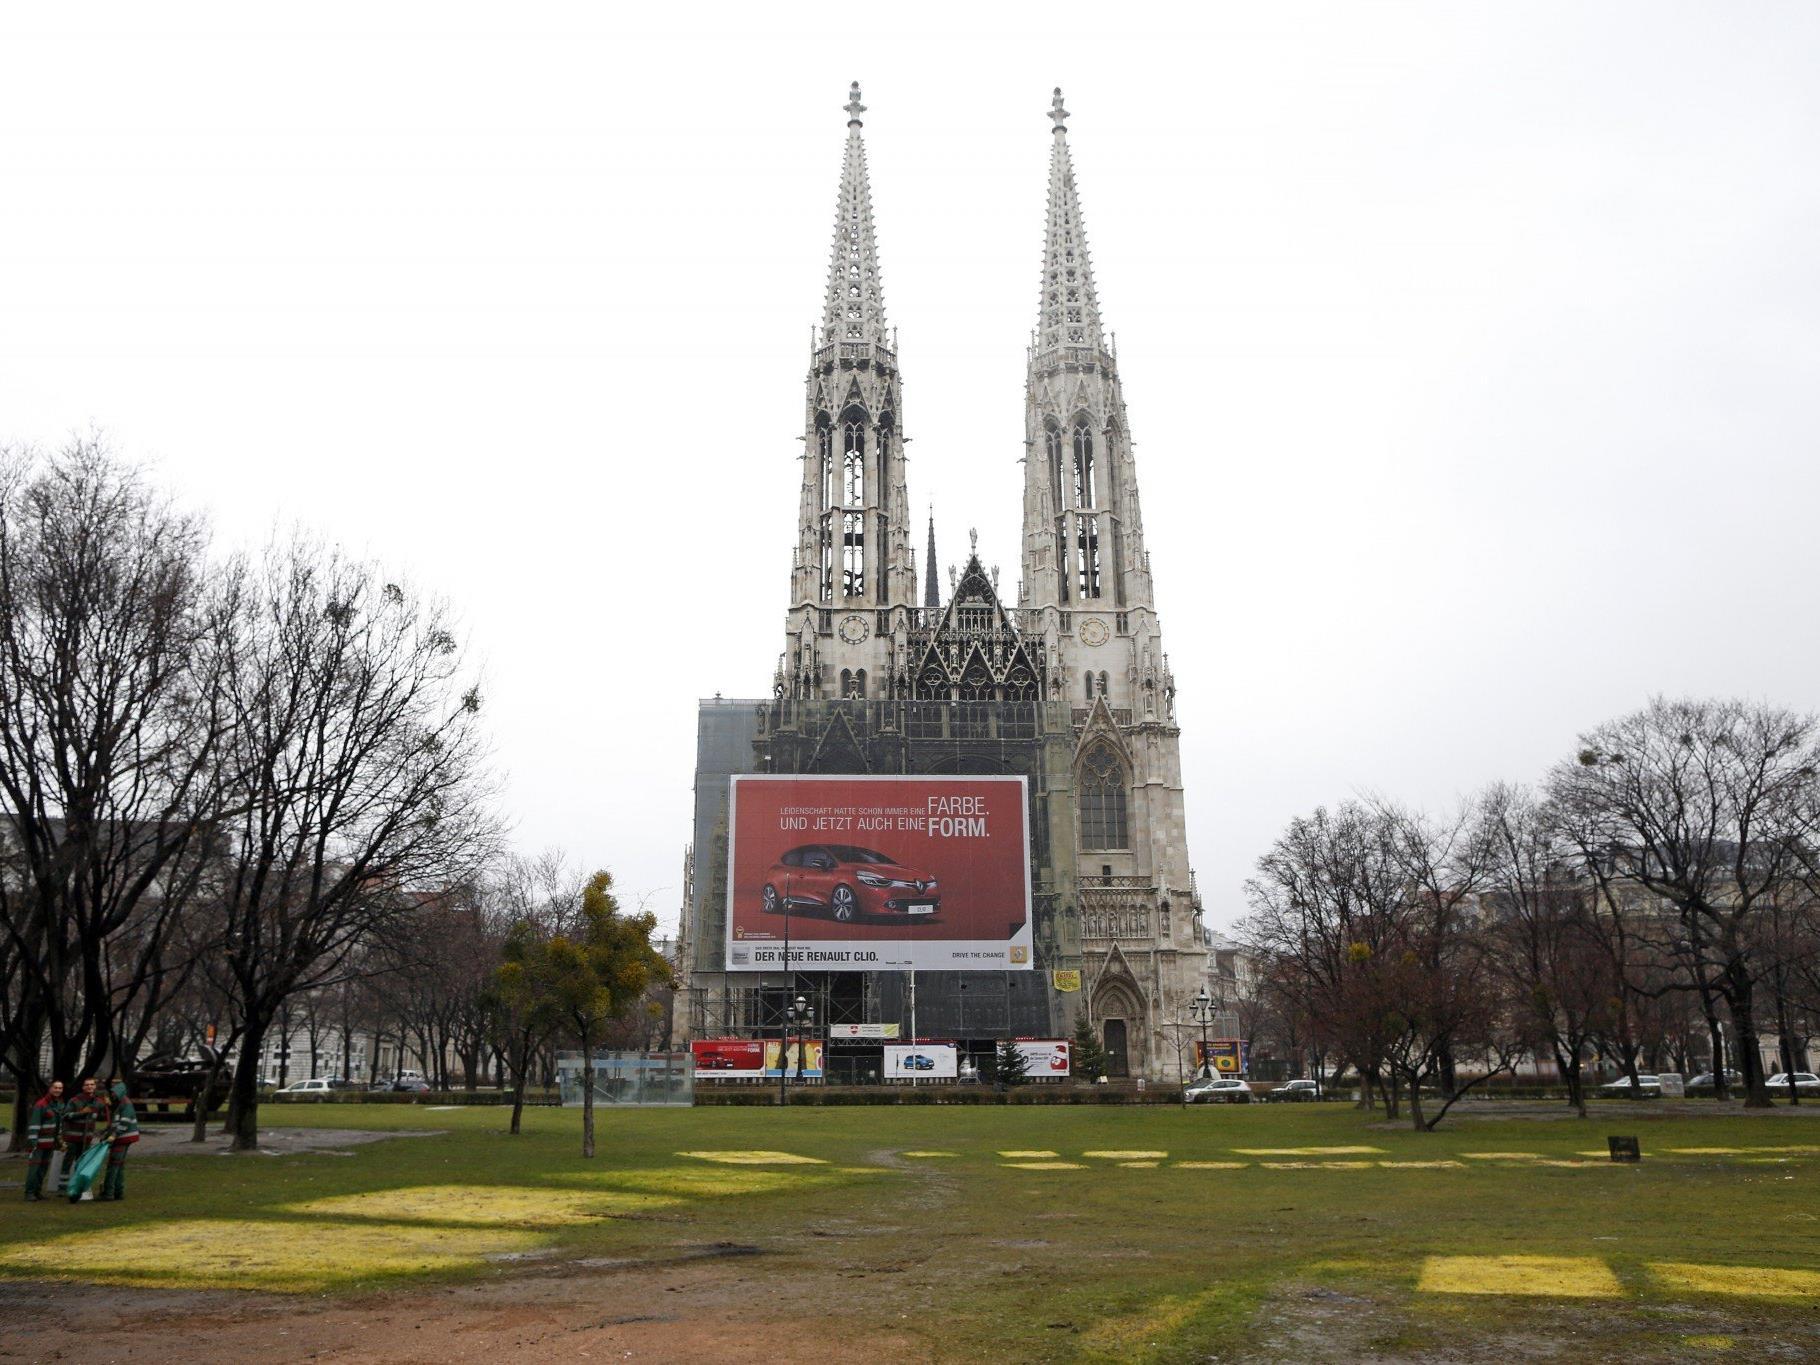 In dem Park nahe der Votivkirche kam es zu einem Straßenraub